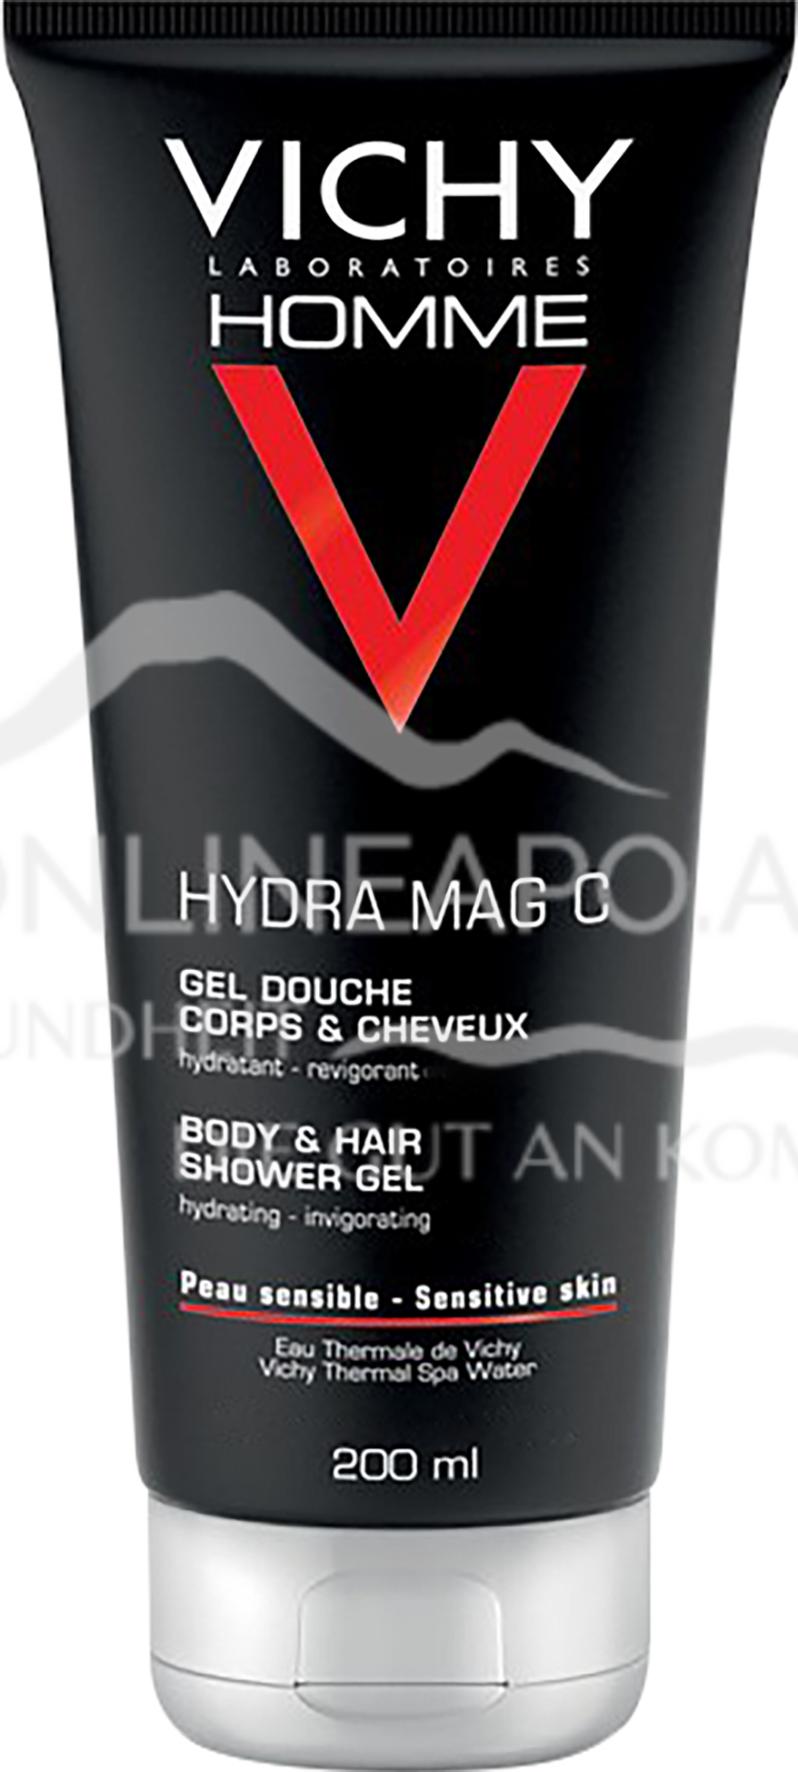 VICHY Homme Hydra-Mag C Duschgel